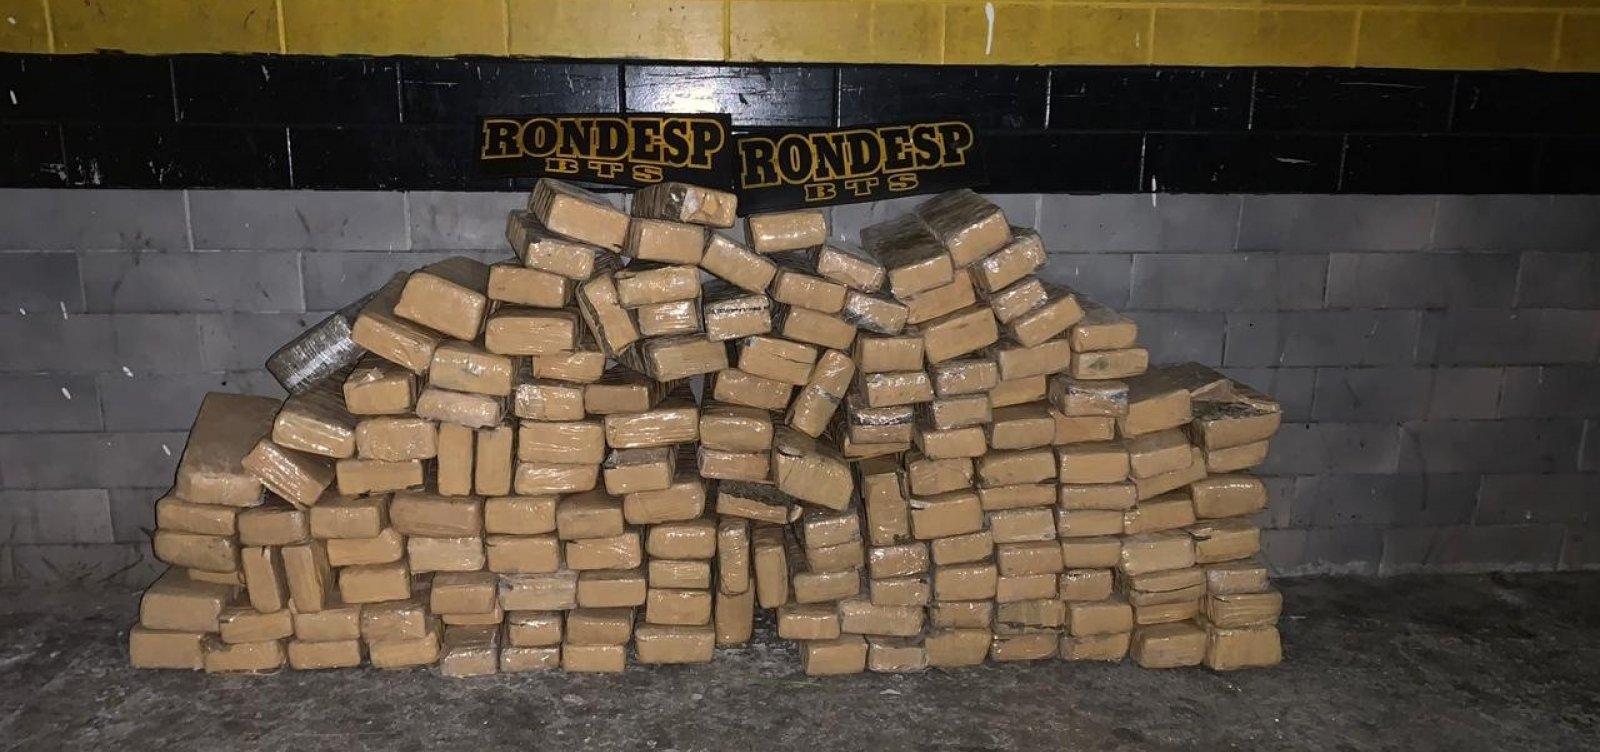 [Polícia encontra 150 kg de maconha dentro de matagal em Simões Filho]